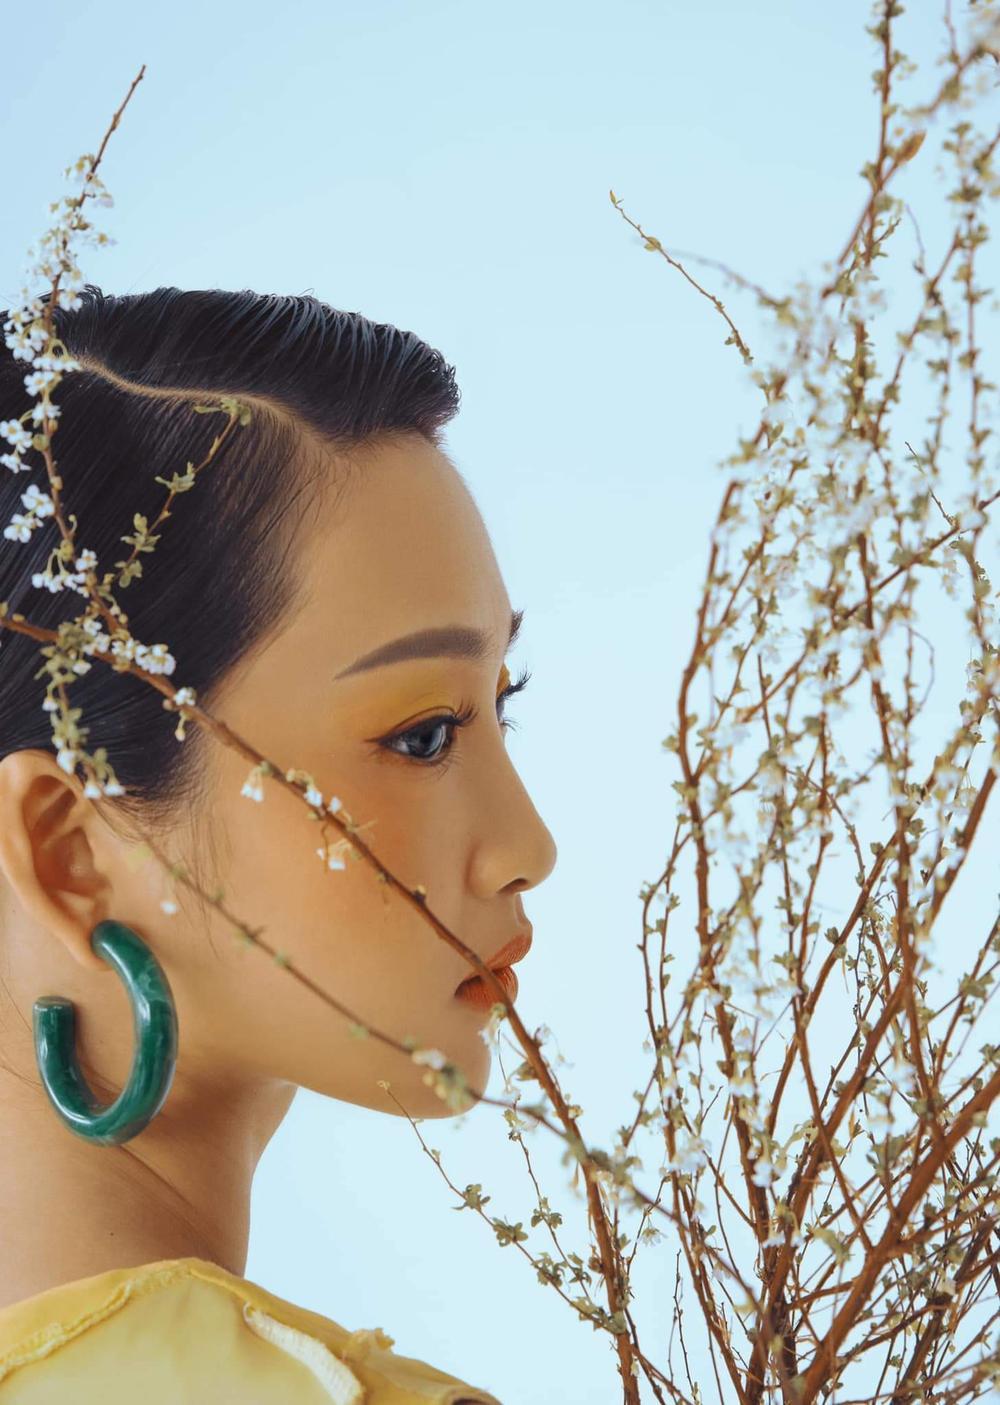 Juky San hoá nàng thơ tao nhã, đẹp thoát tục mơ màng giữa tiết Xuân Ảnh 11